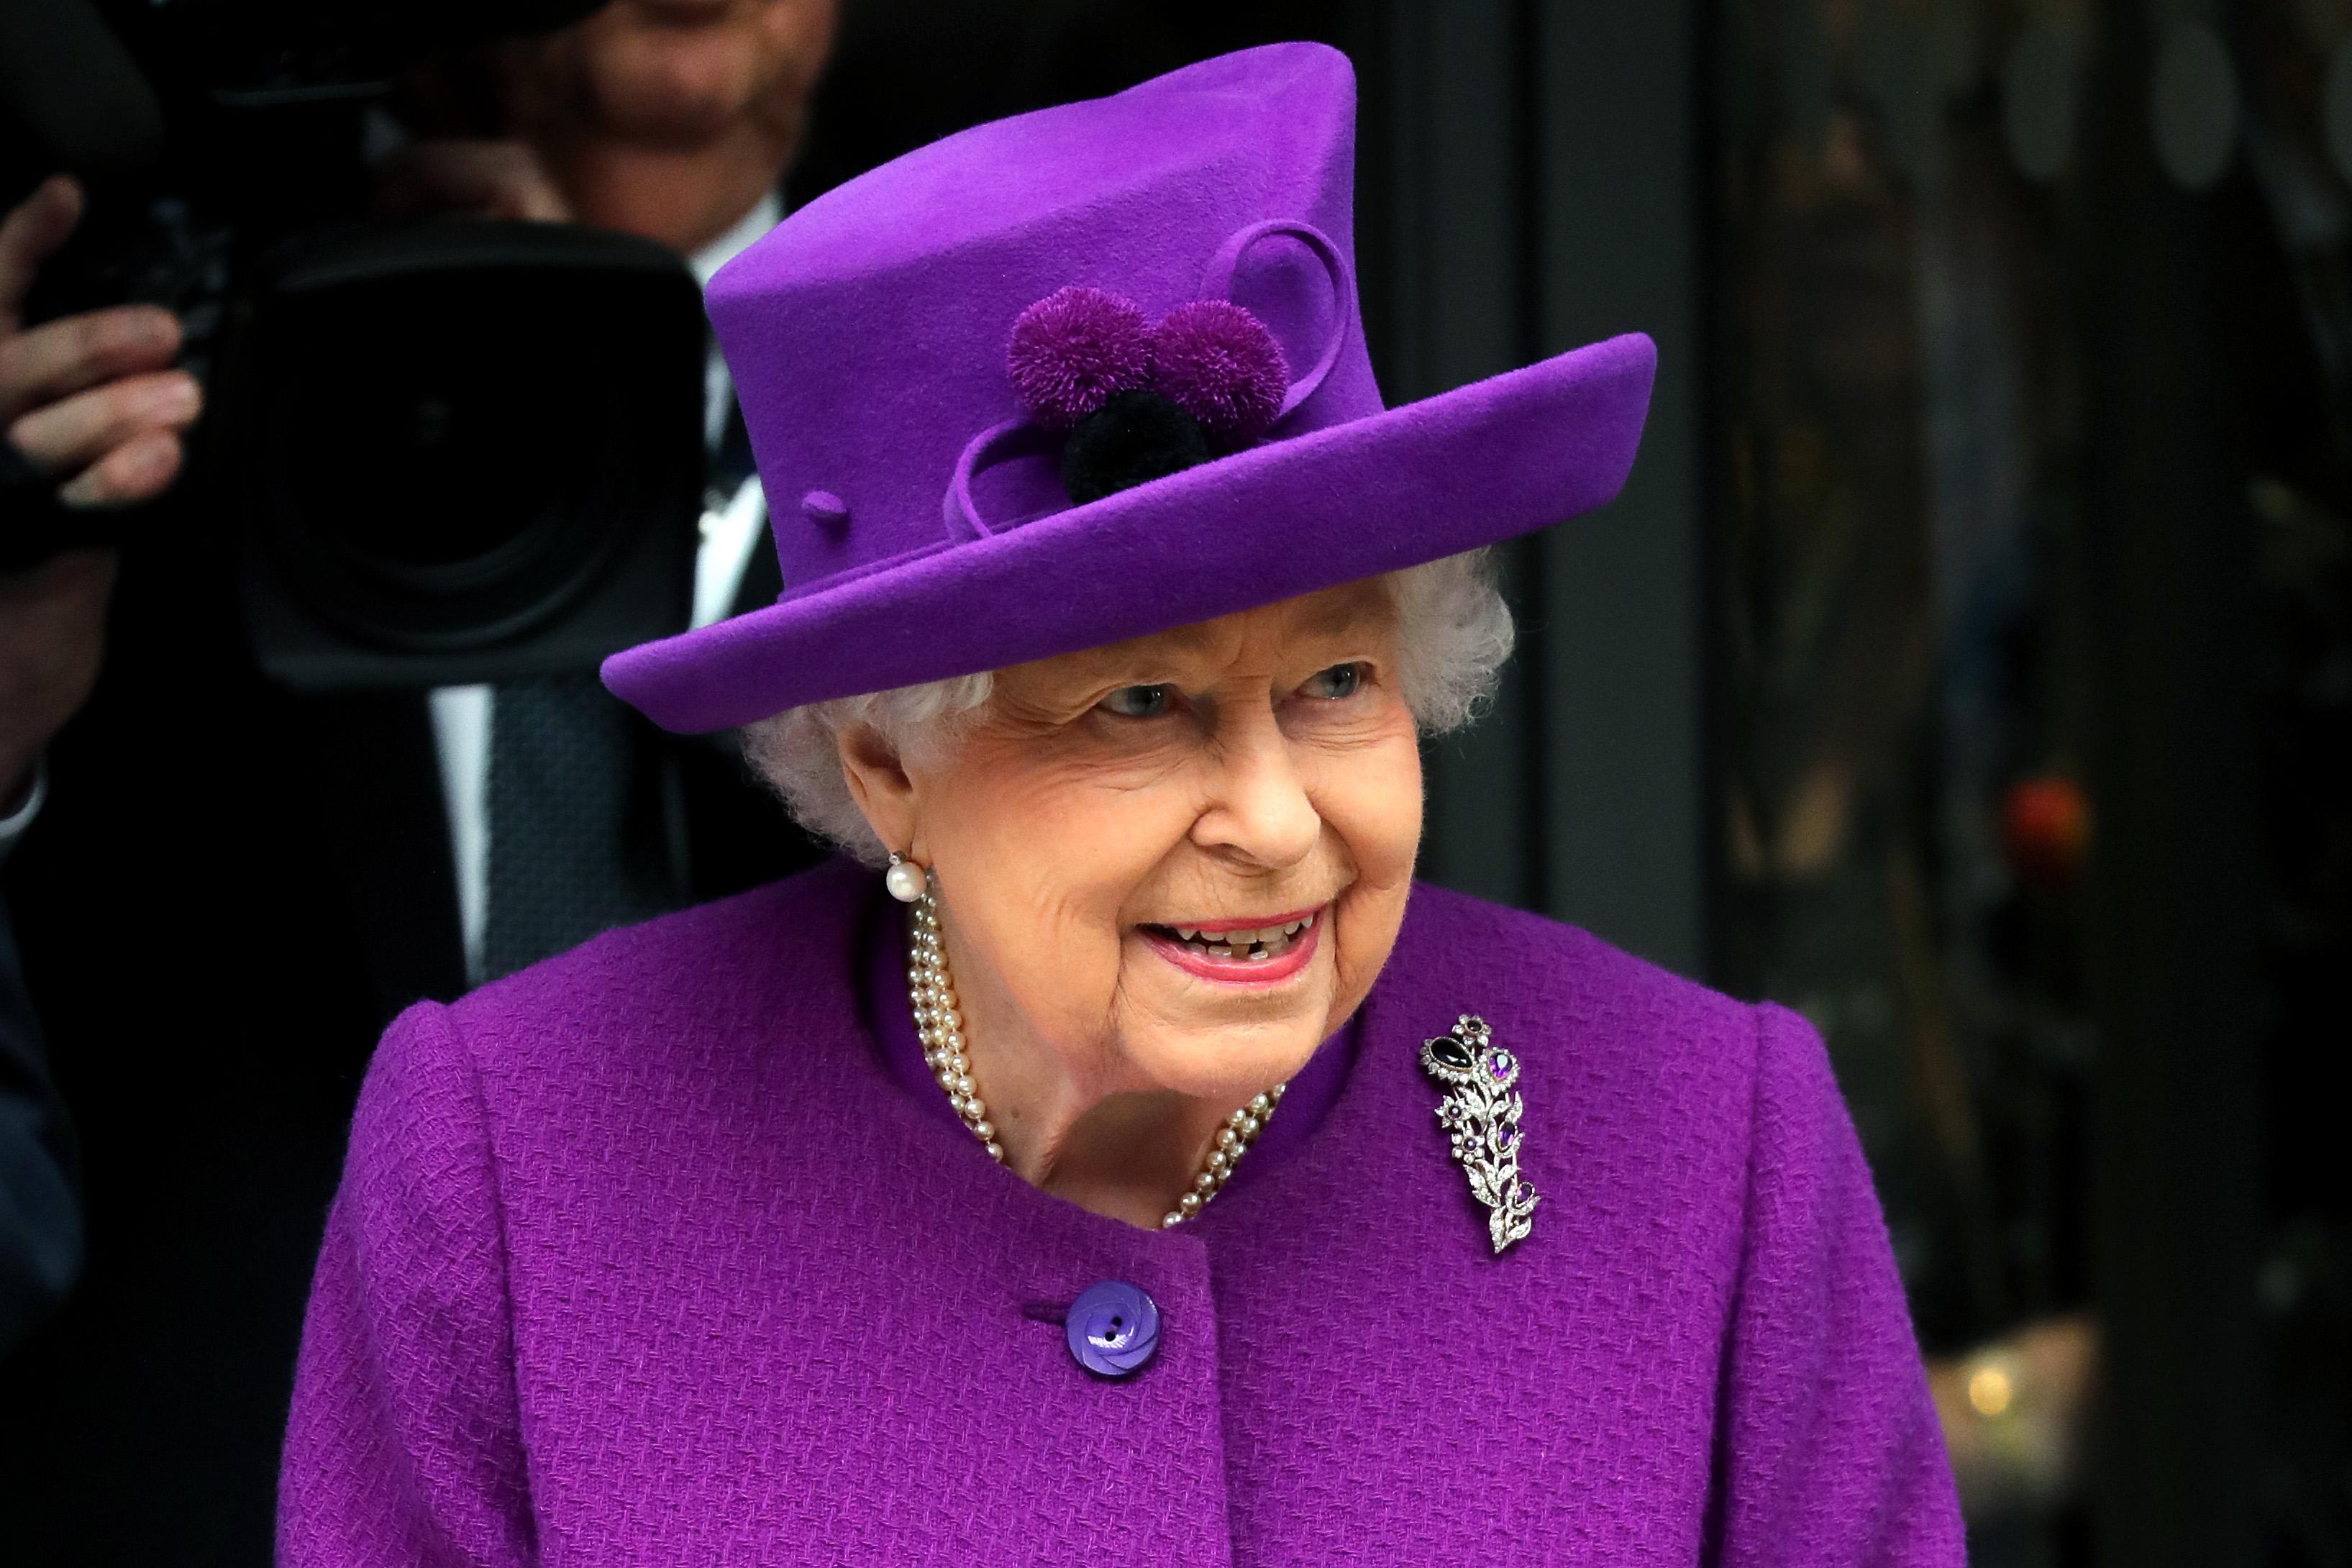 Queen Elizabeth Didnt Flee to Windsor Castle Over